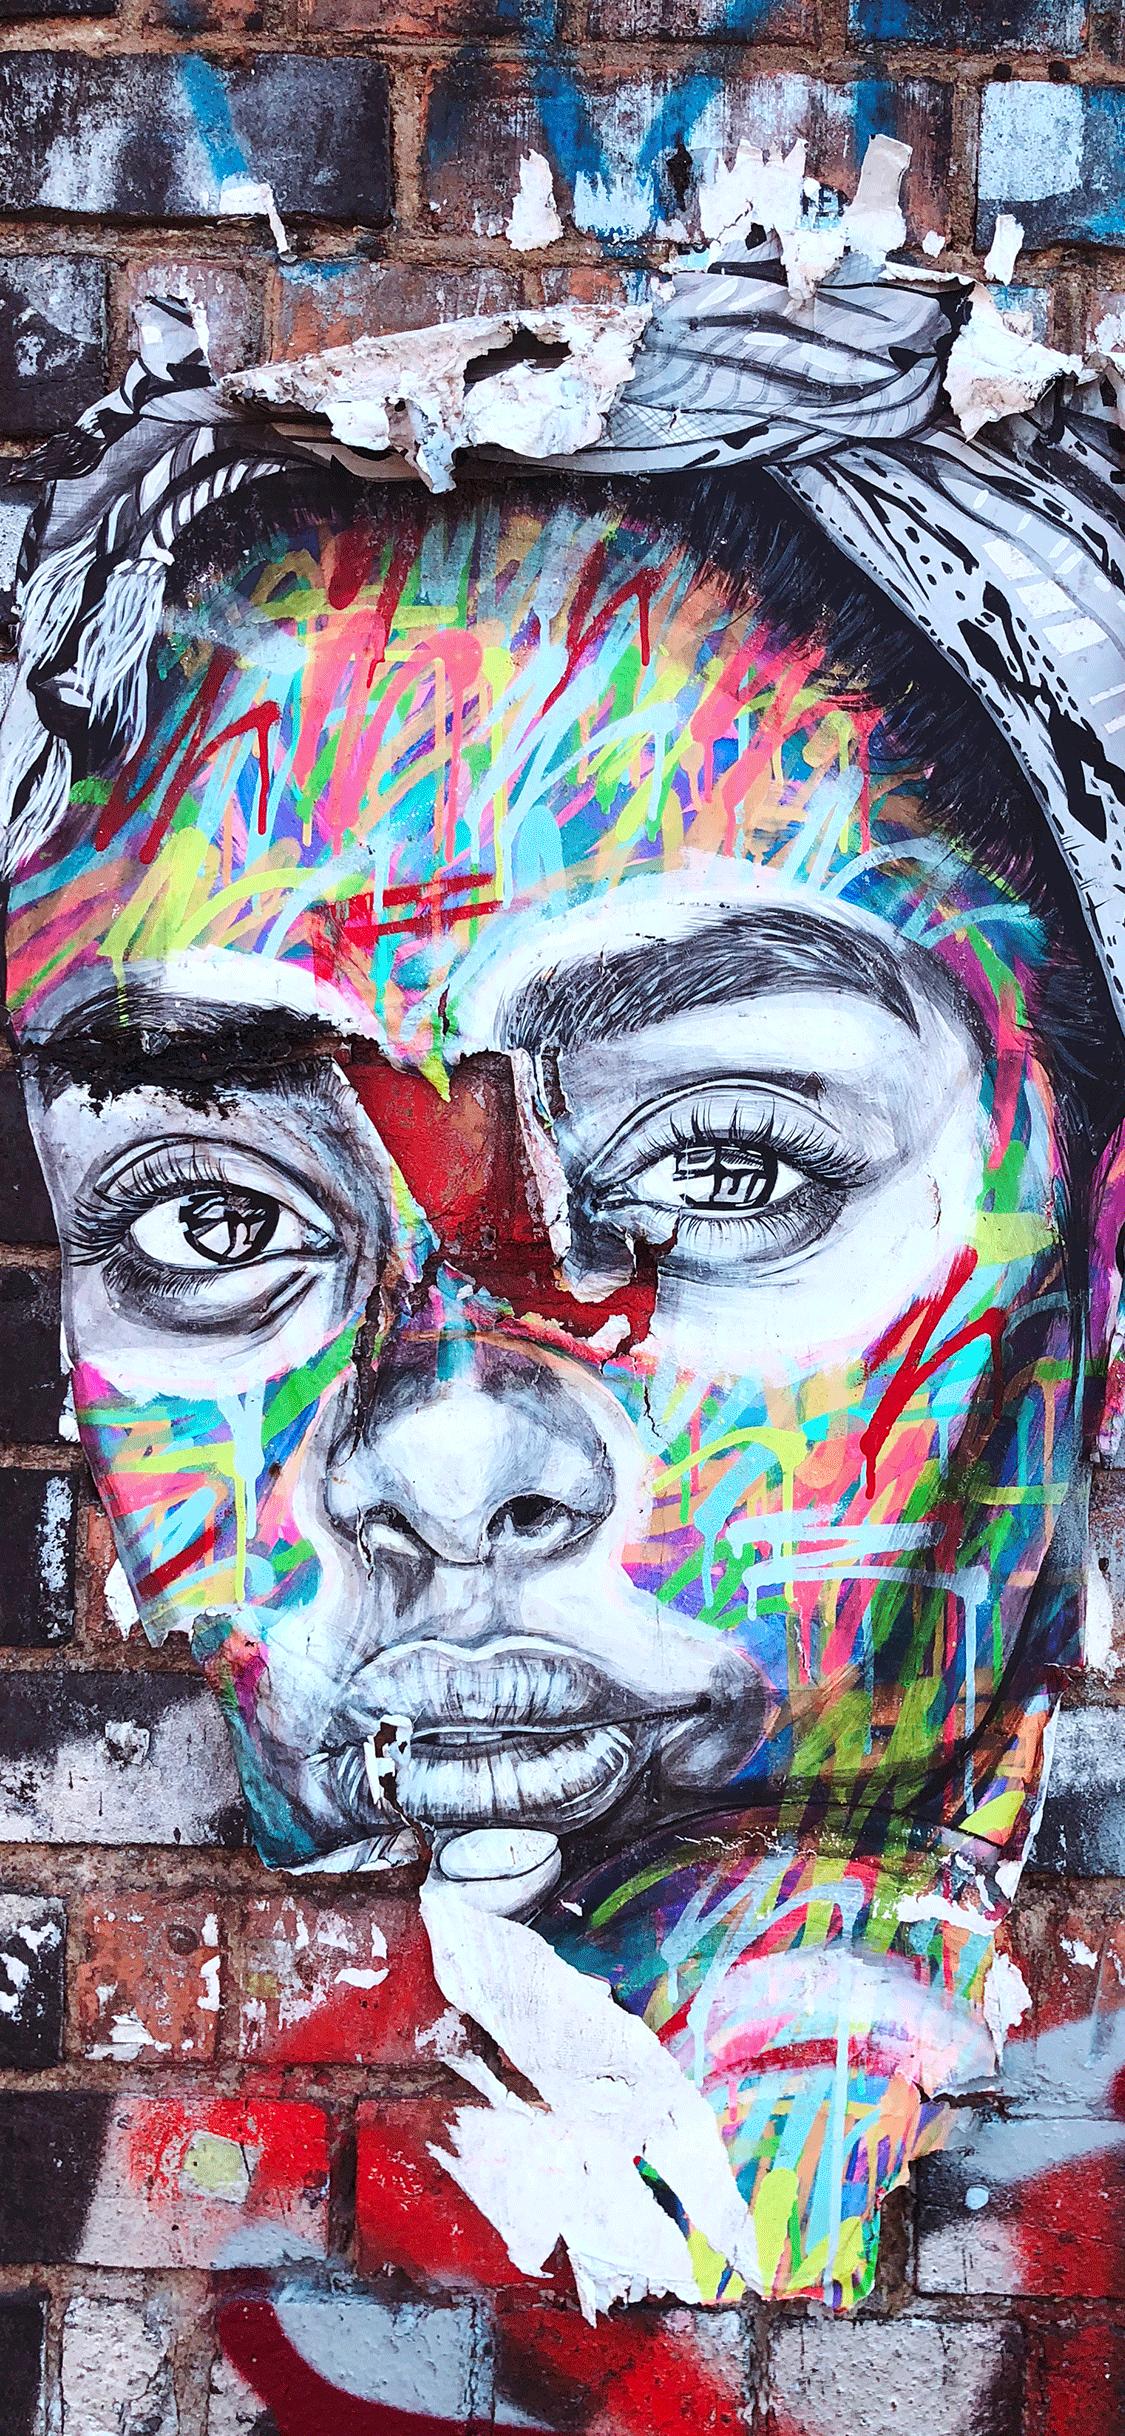 IPhone Wallpaper Graffiti Woman